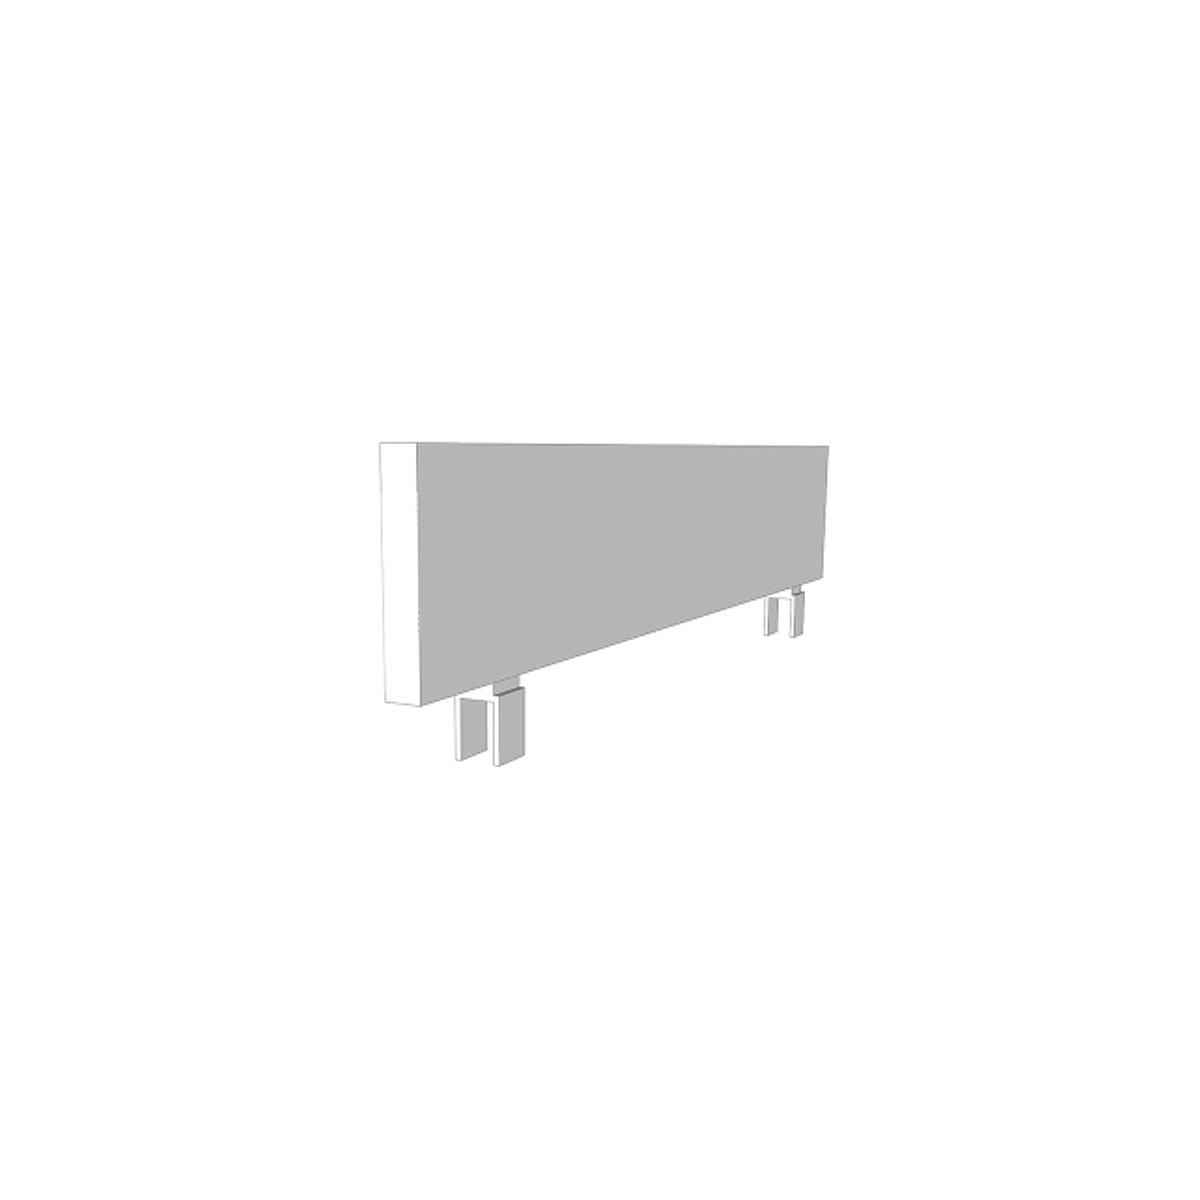 Full Size of Bopita Bett Nordic Betten Umbauen Anleitung Mix And Match 90x200 Montageanleitung Belle 120x200 Abitare Kidsde Schutzgitter Universal Wei Stauraum Bonprix Bett Bopita Bett